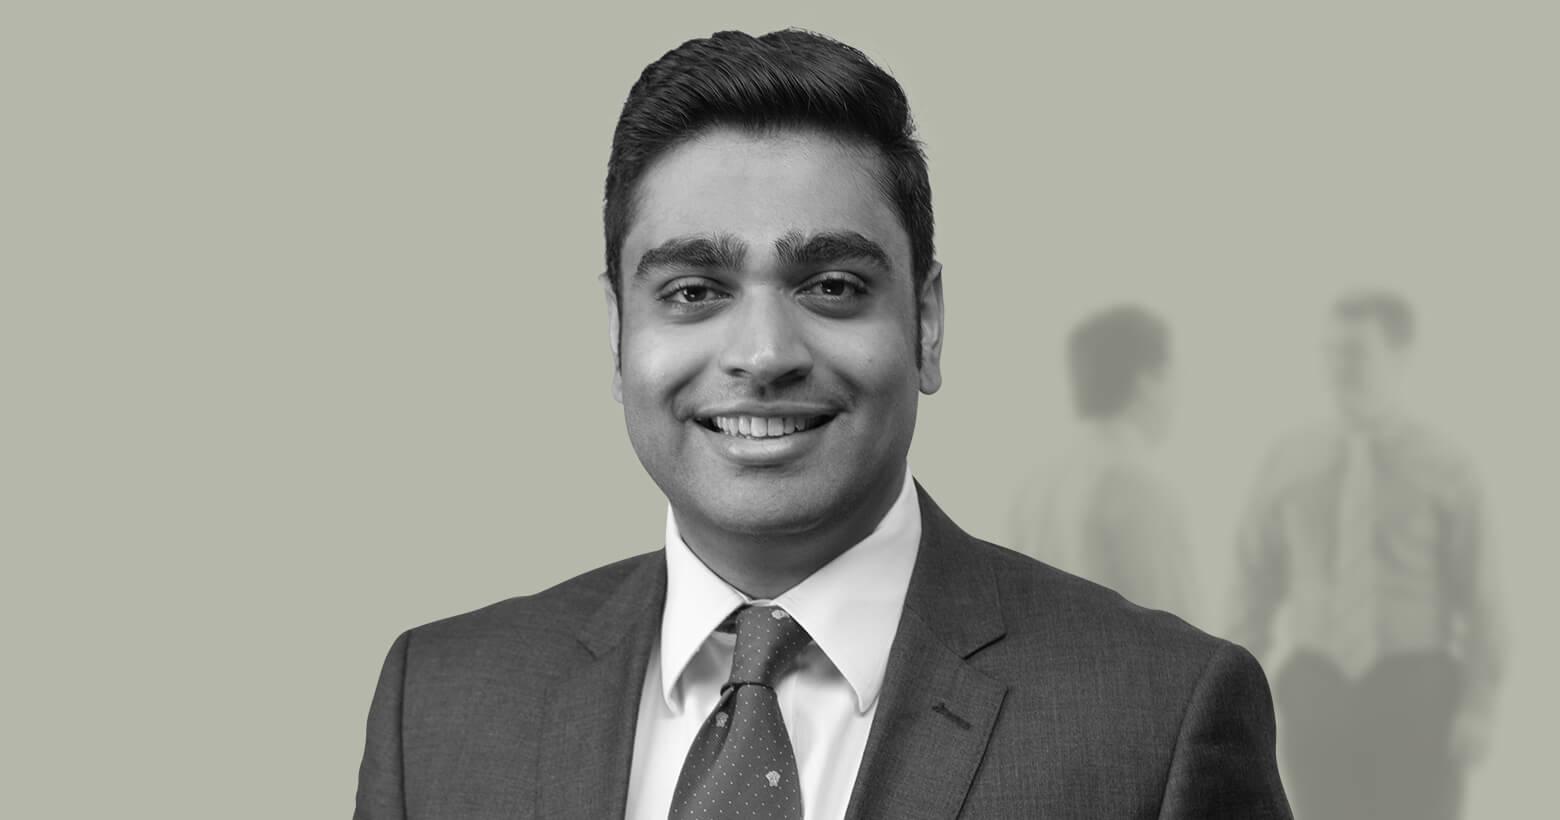 Vishaal Patel